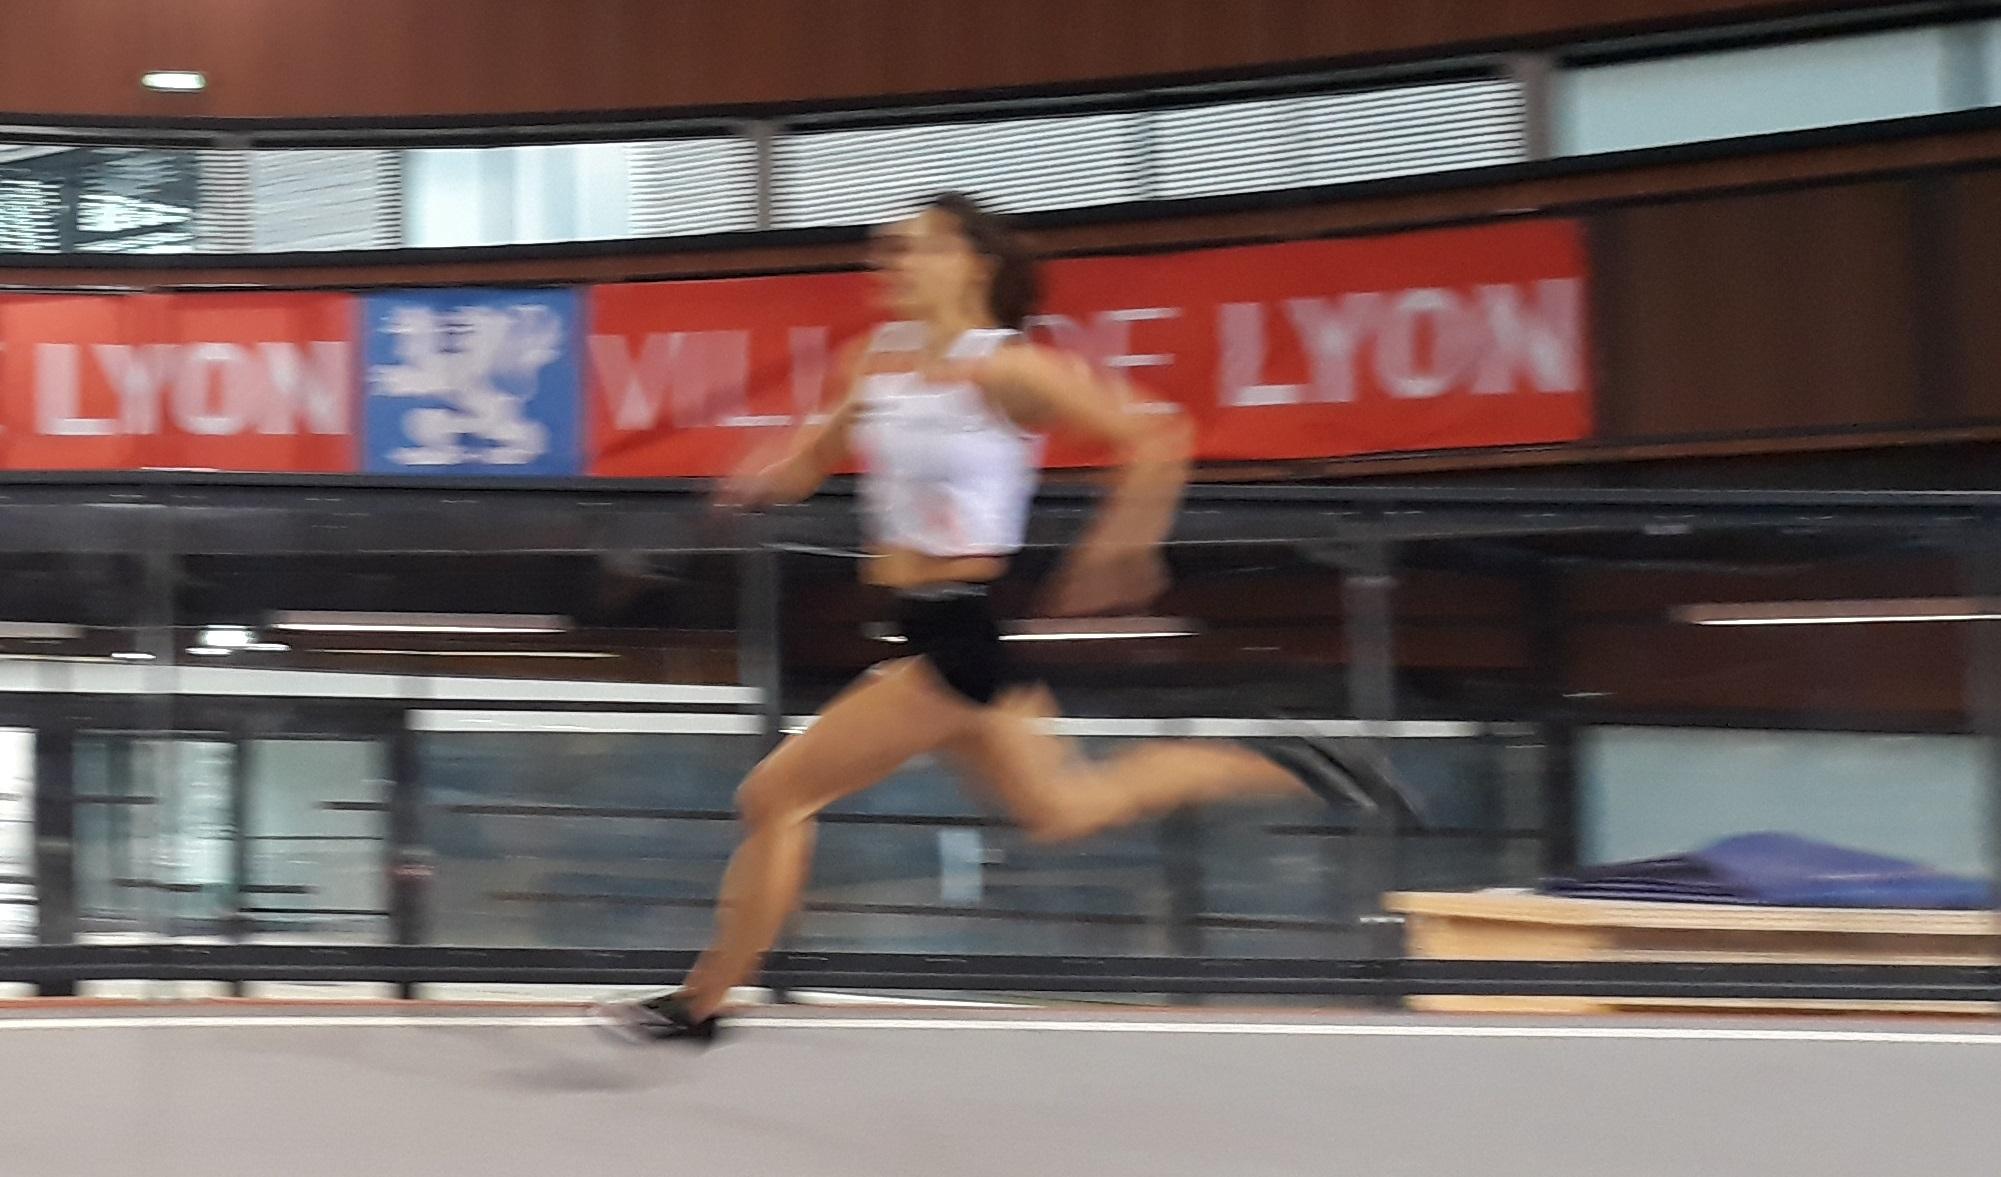 Très grosse performance pour Manon Truc au 100m cet après-midi